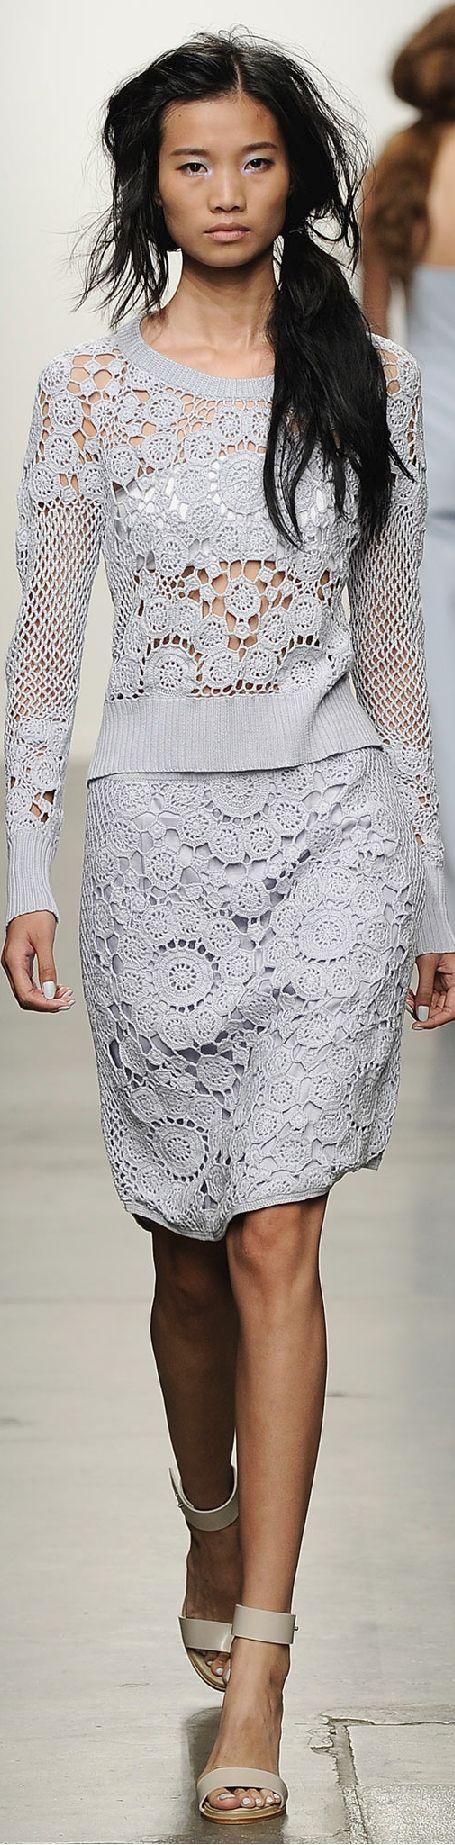 517 best Skirts images on Pinterest | Crochet dresses, Crochet ...